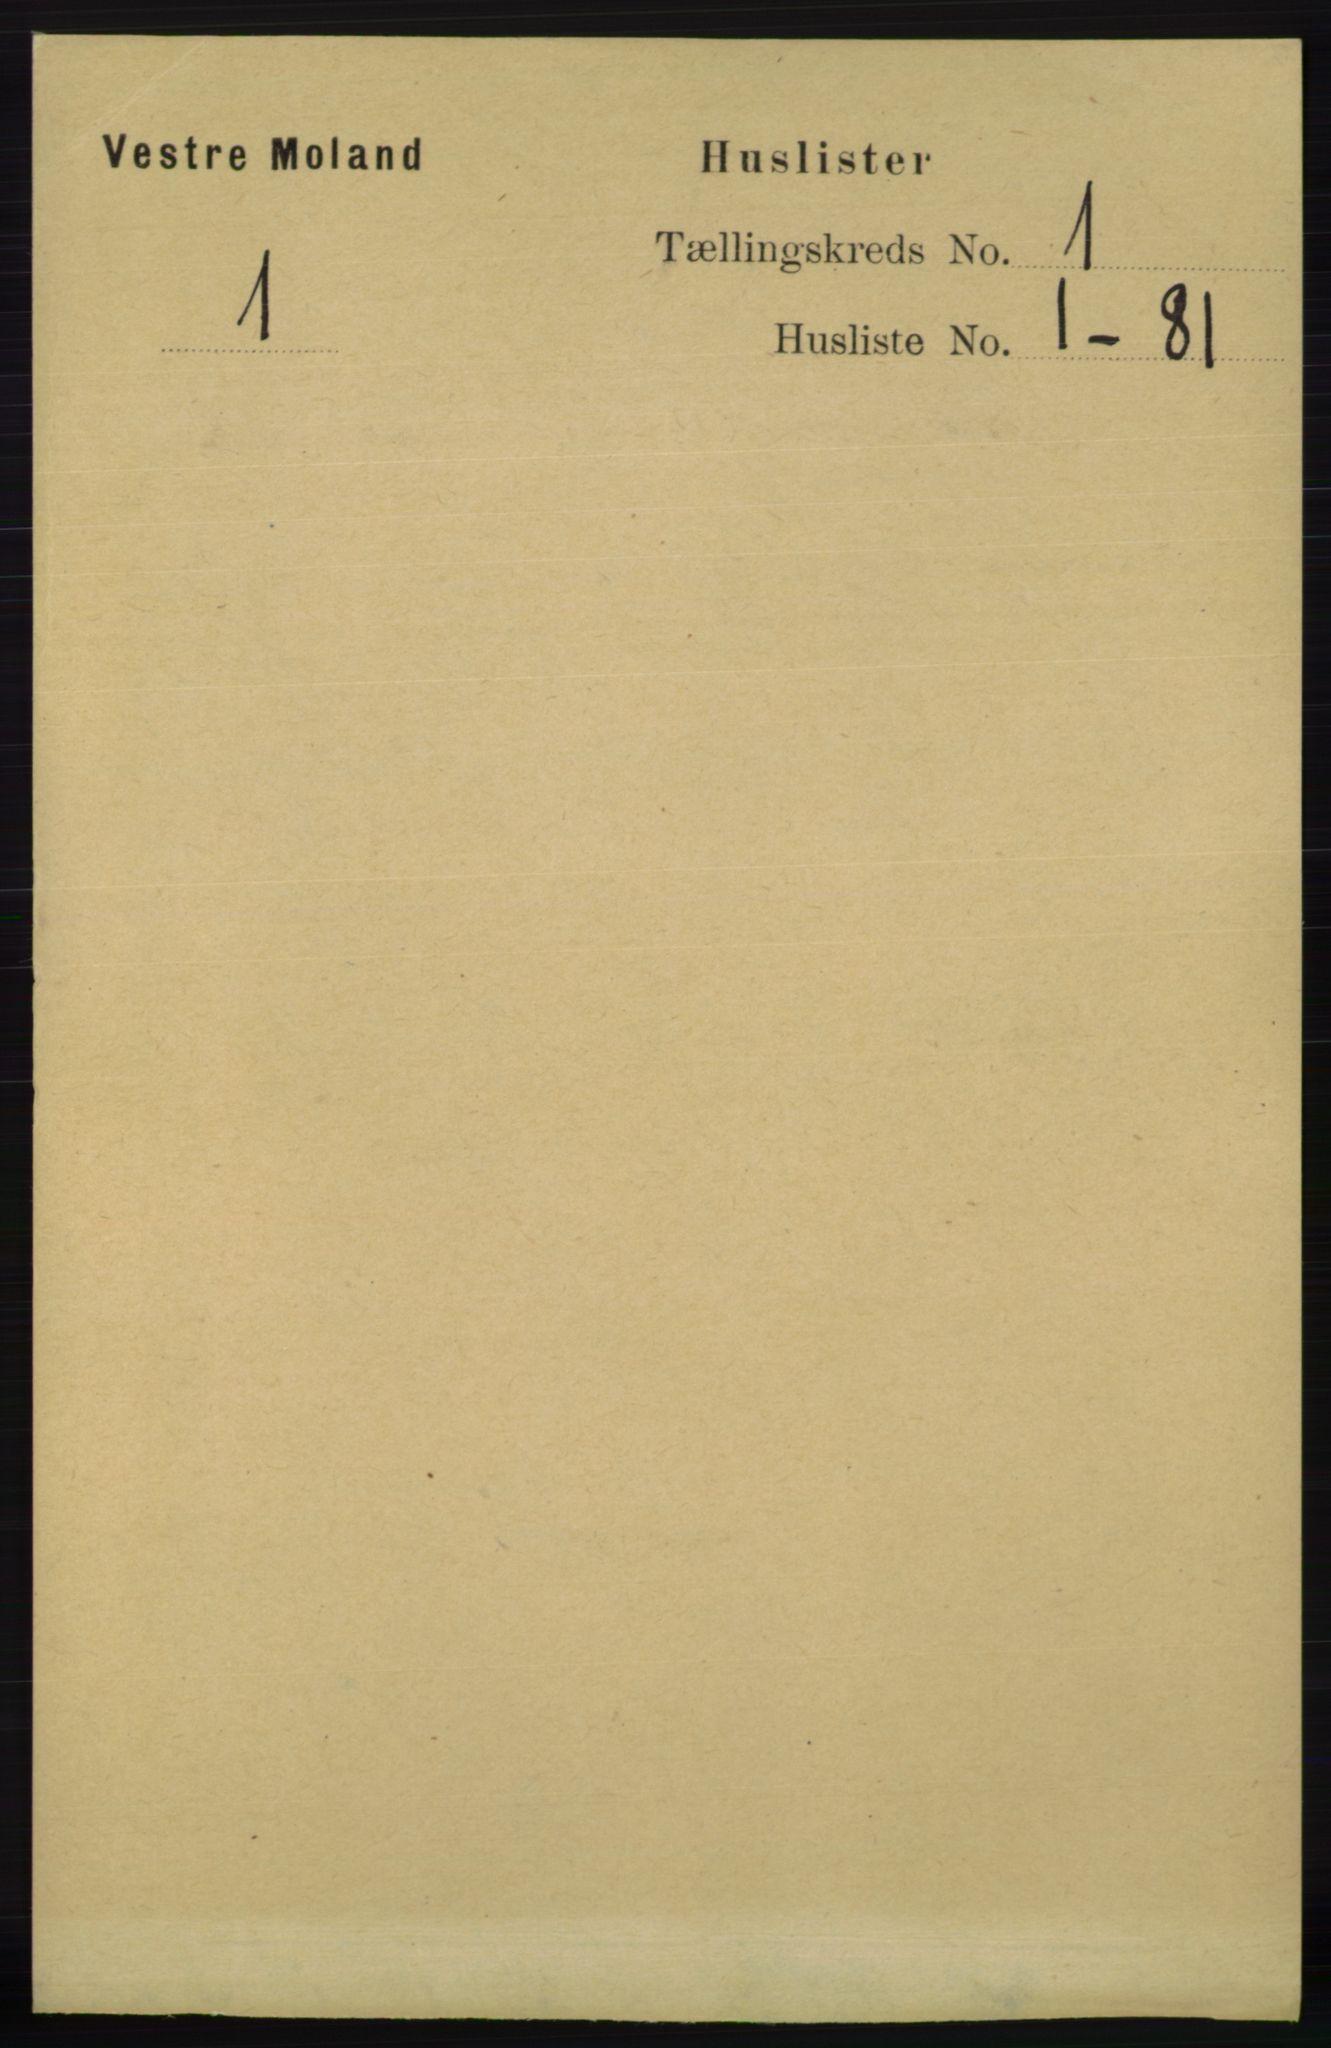 RA, Folketelling 1891 for 0926 Vestre Moland herred, 1891, s. 23